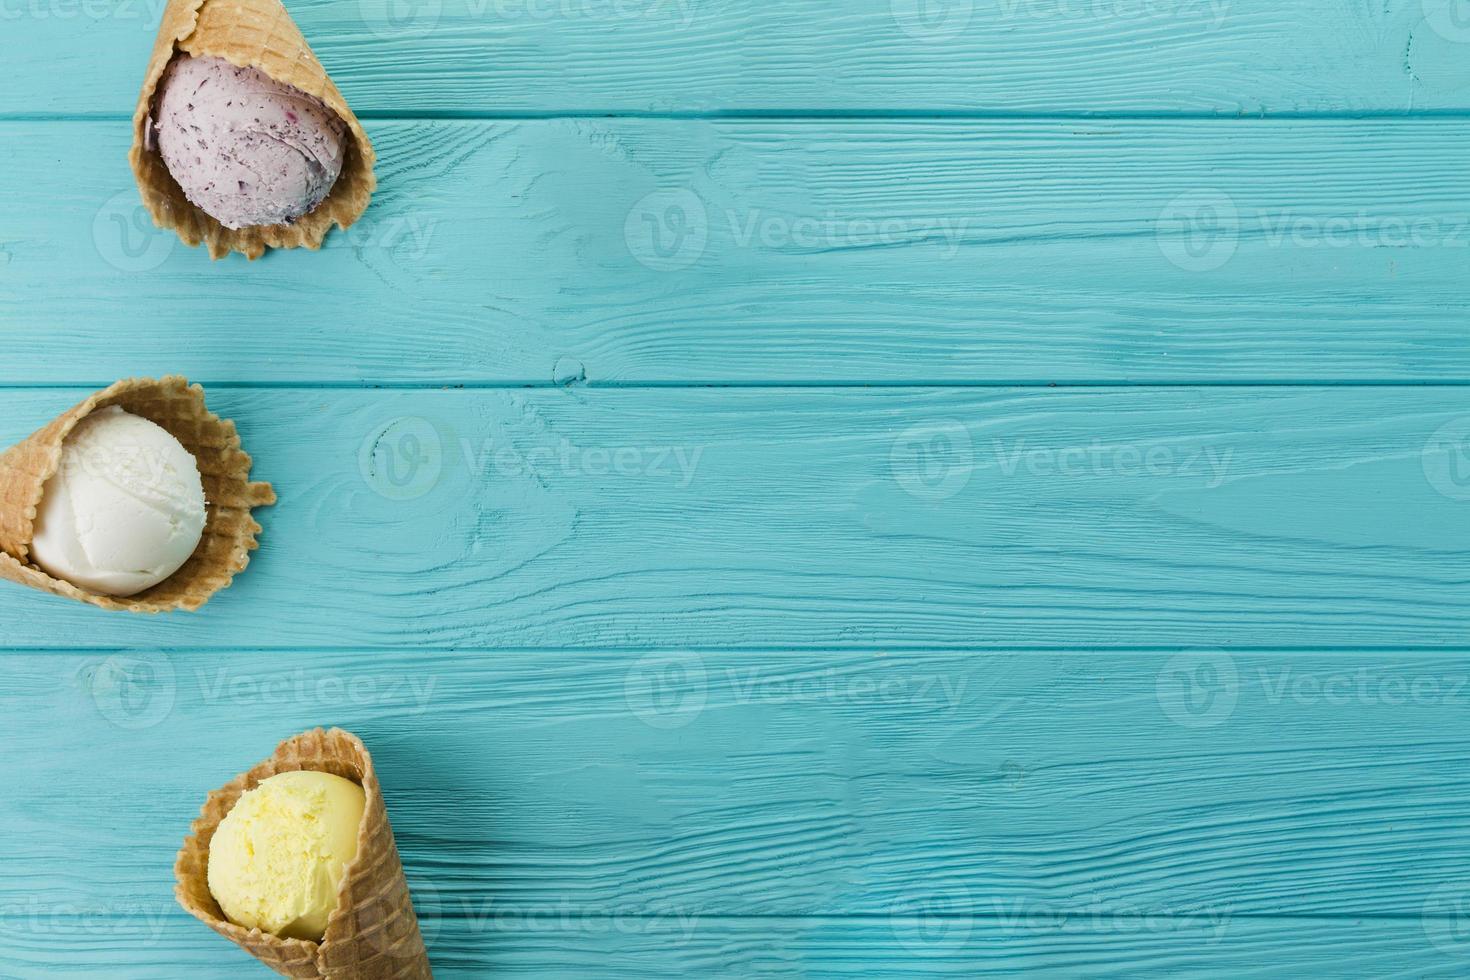 Eistüten mit verschiedenen Geschmacksrichtungen auf blauem Holztisch foto